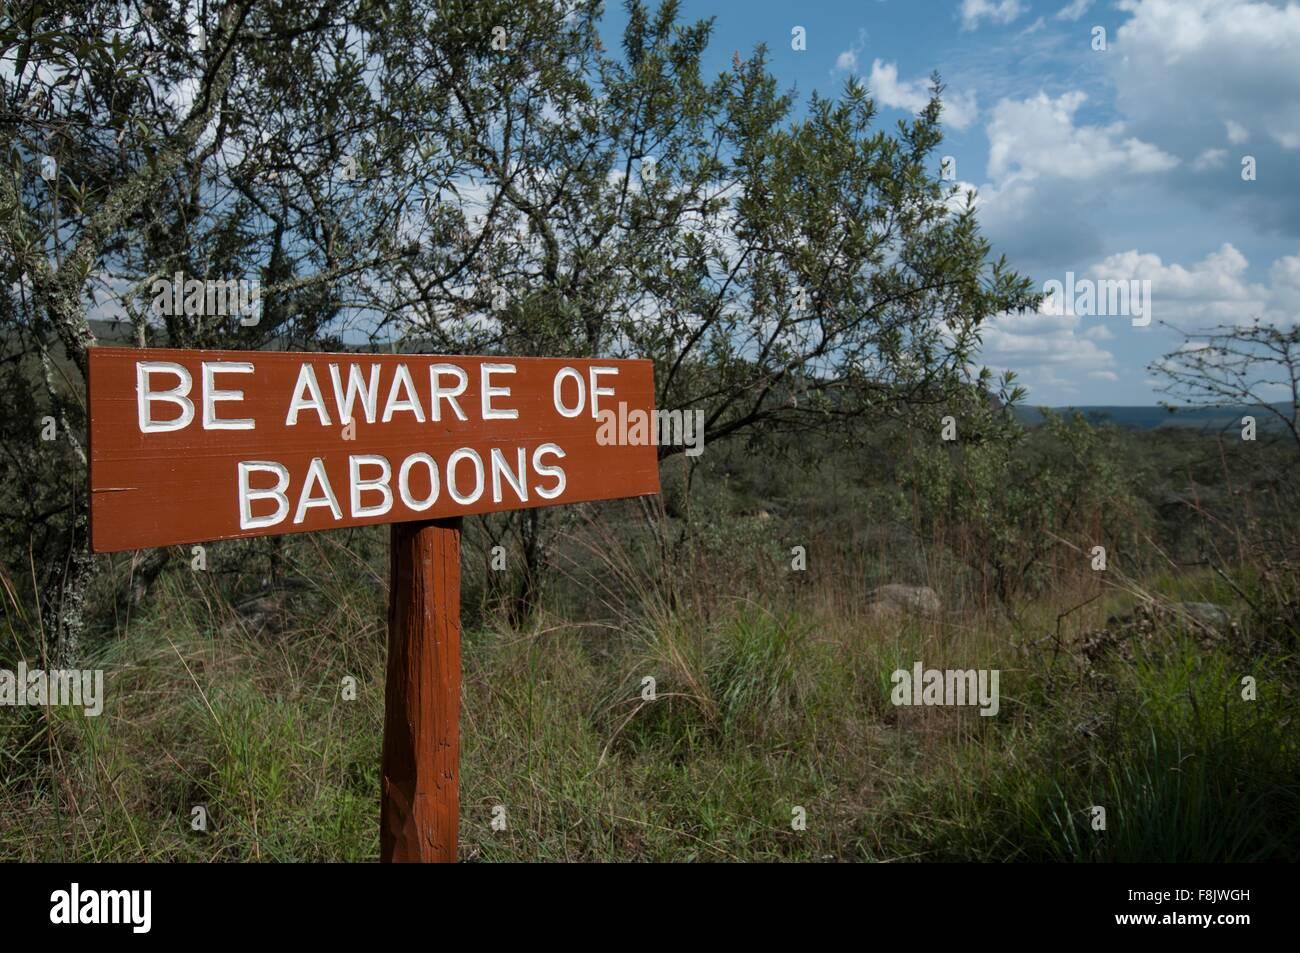 Baboon warning sign, Rift Valley, Kenya Stock Photo